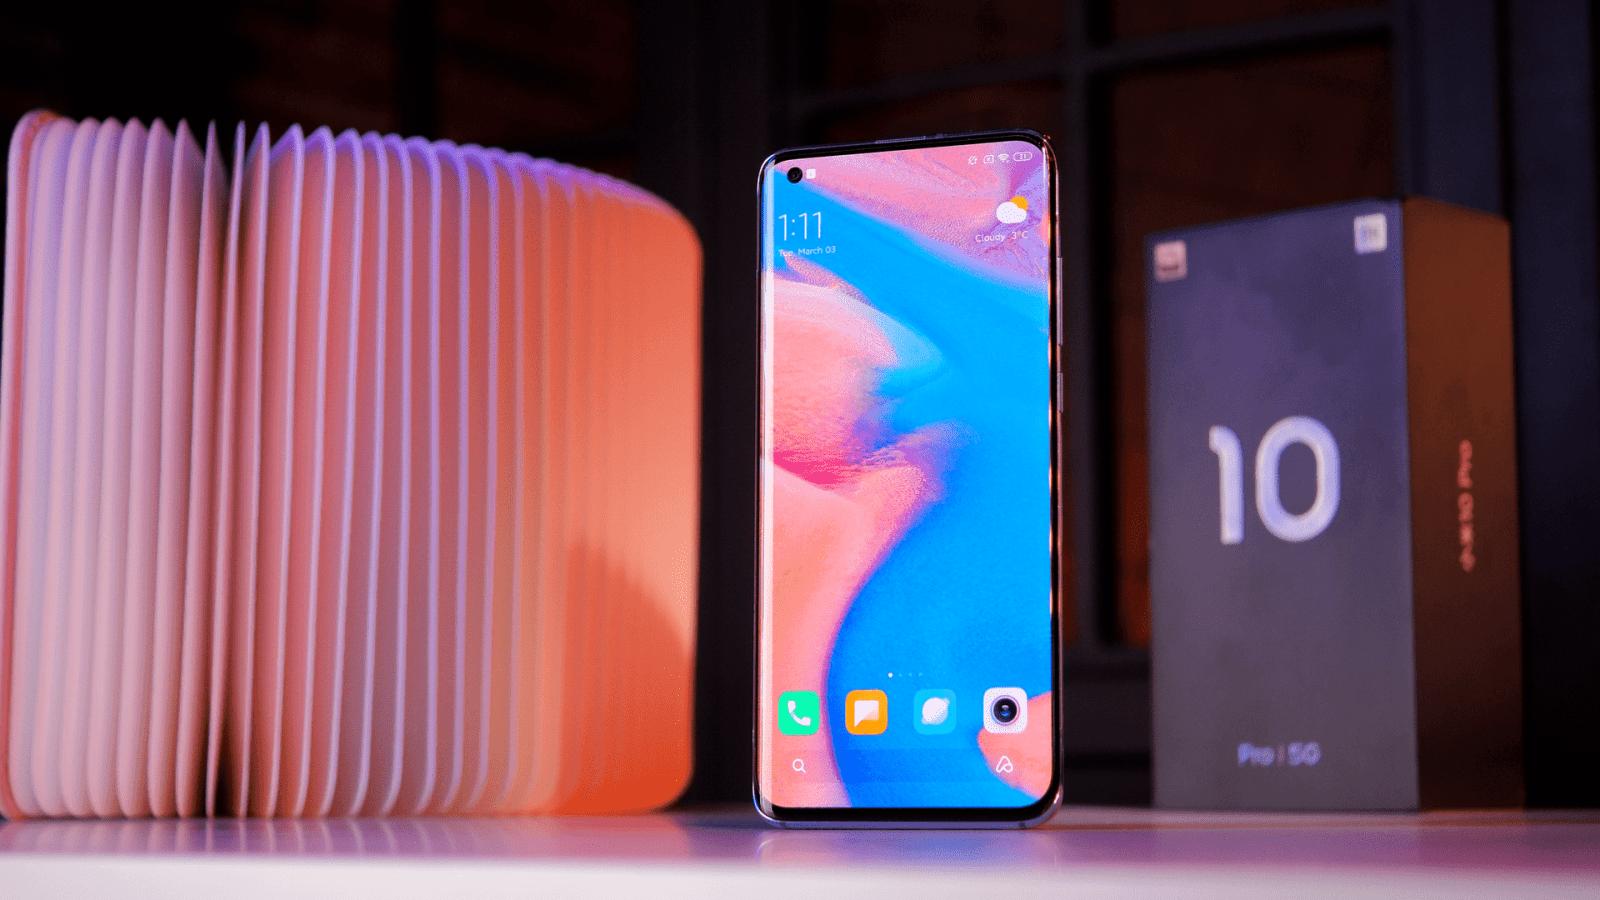 Xiaomi продали более одного миллиона единиц смартфонов Mi 10, несмотря на глобальную пандемию ()